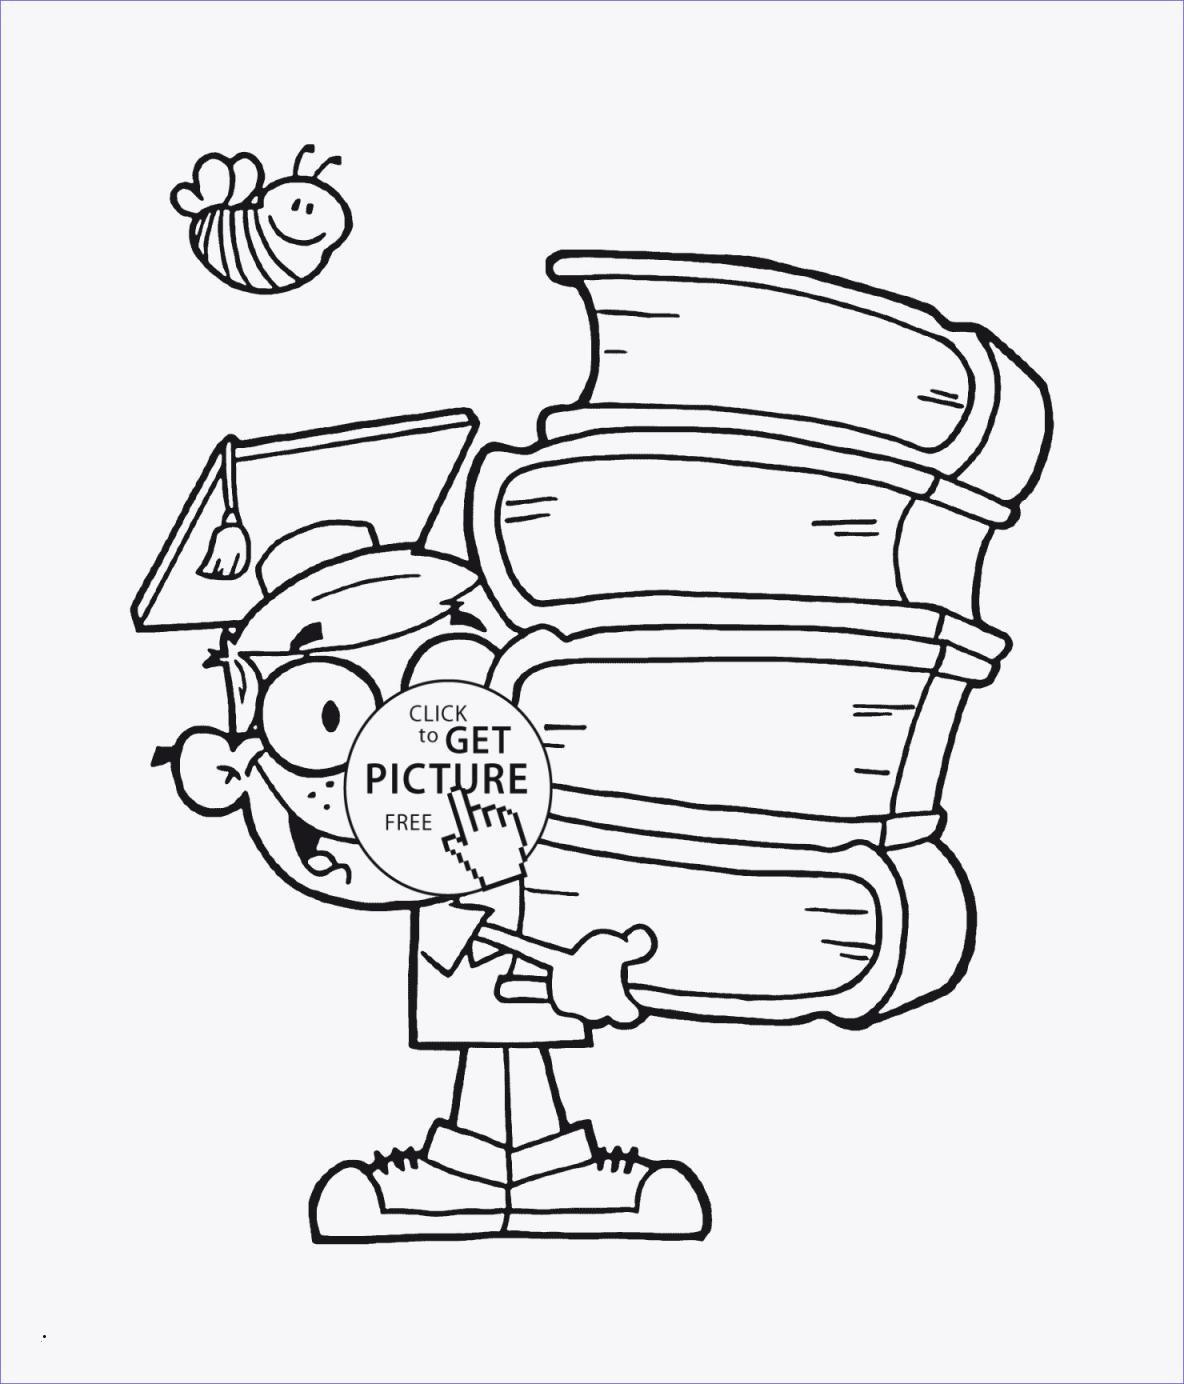 Boba Fett Ausmalbilder Das Beste Von 28 Genial Ausmalbilder Kostenlos Drucken Mickeycarrollmunchkin Stock